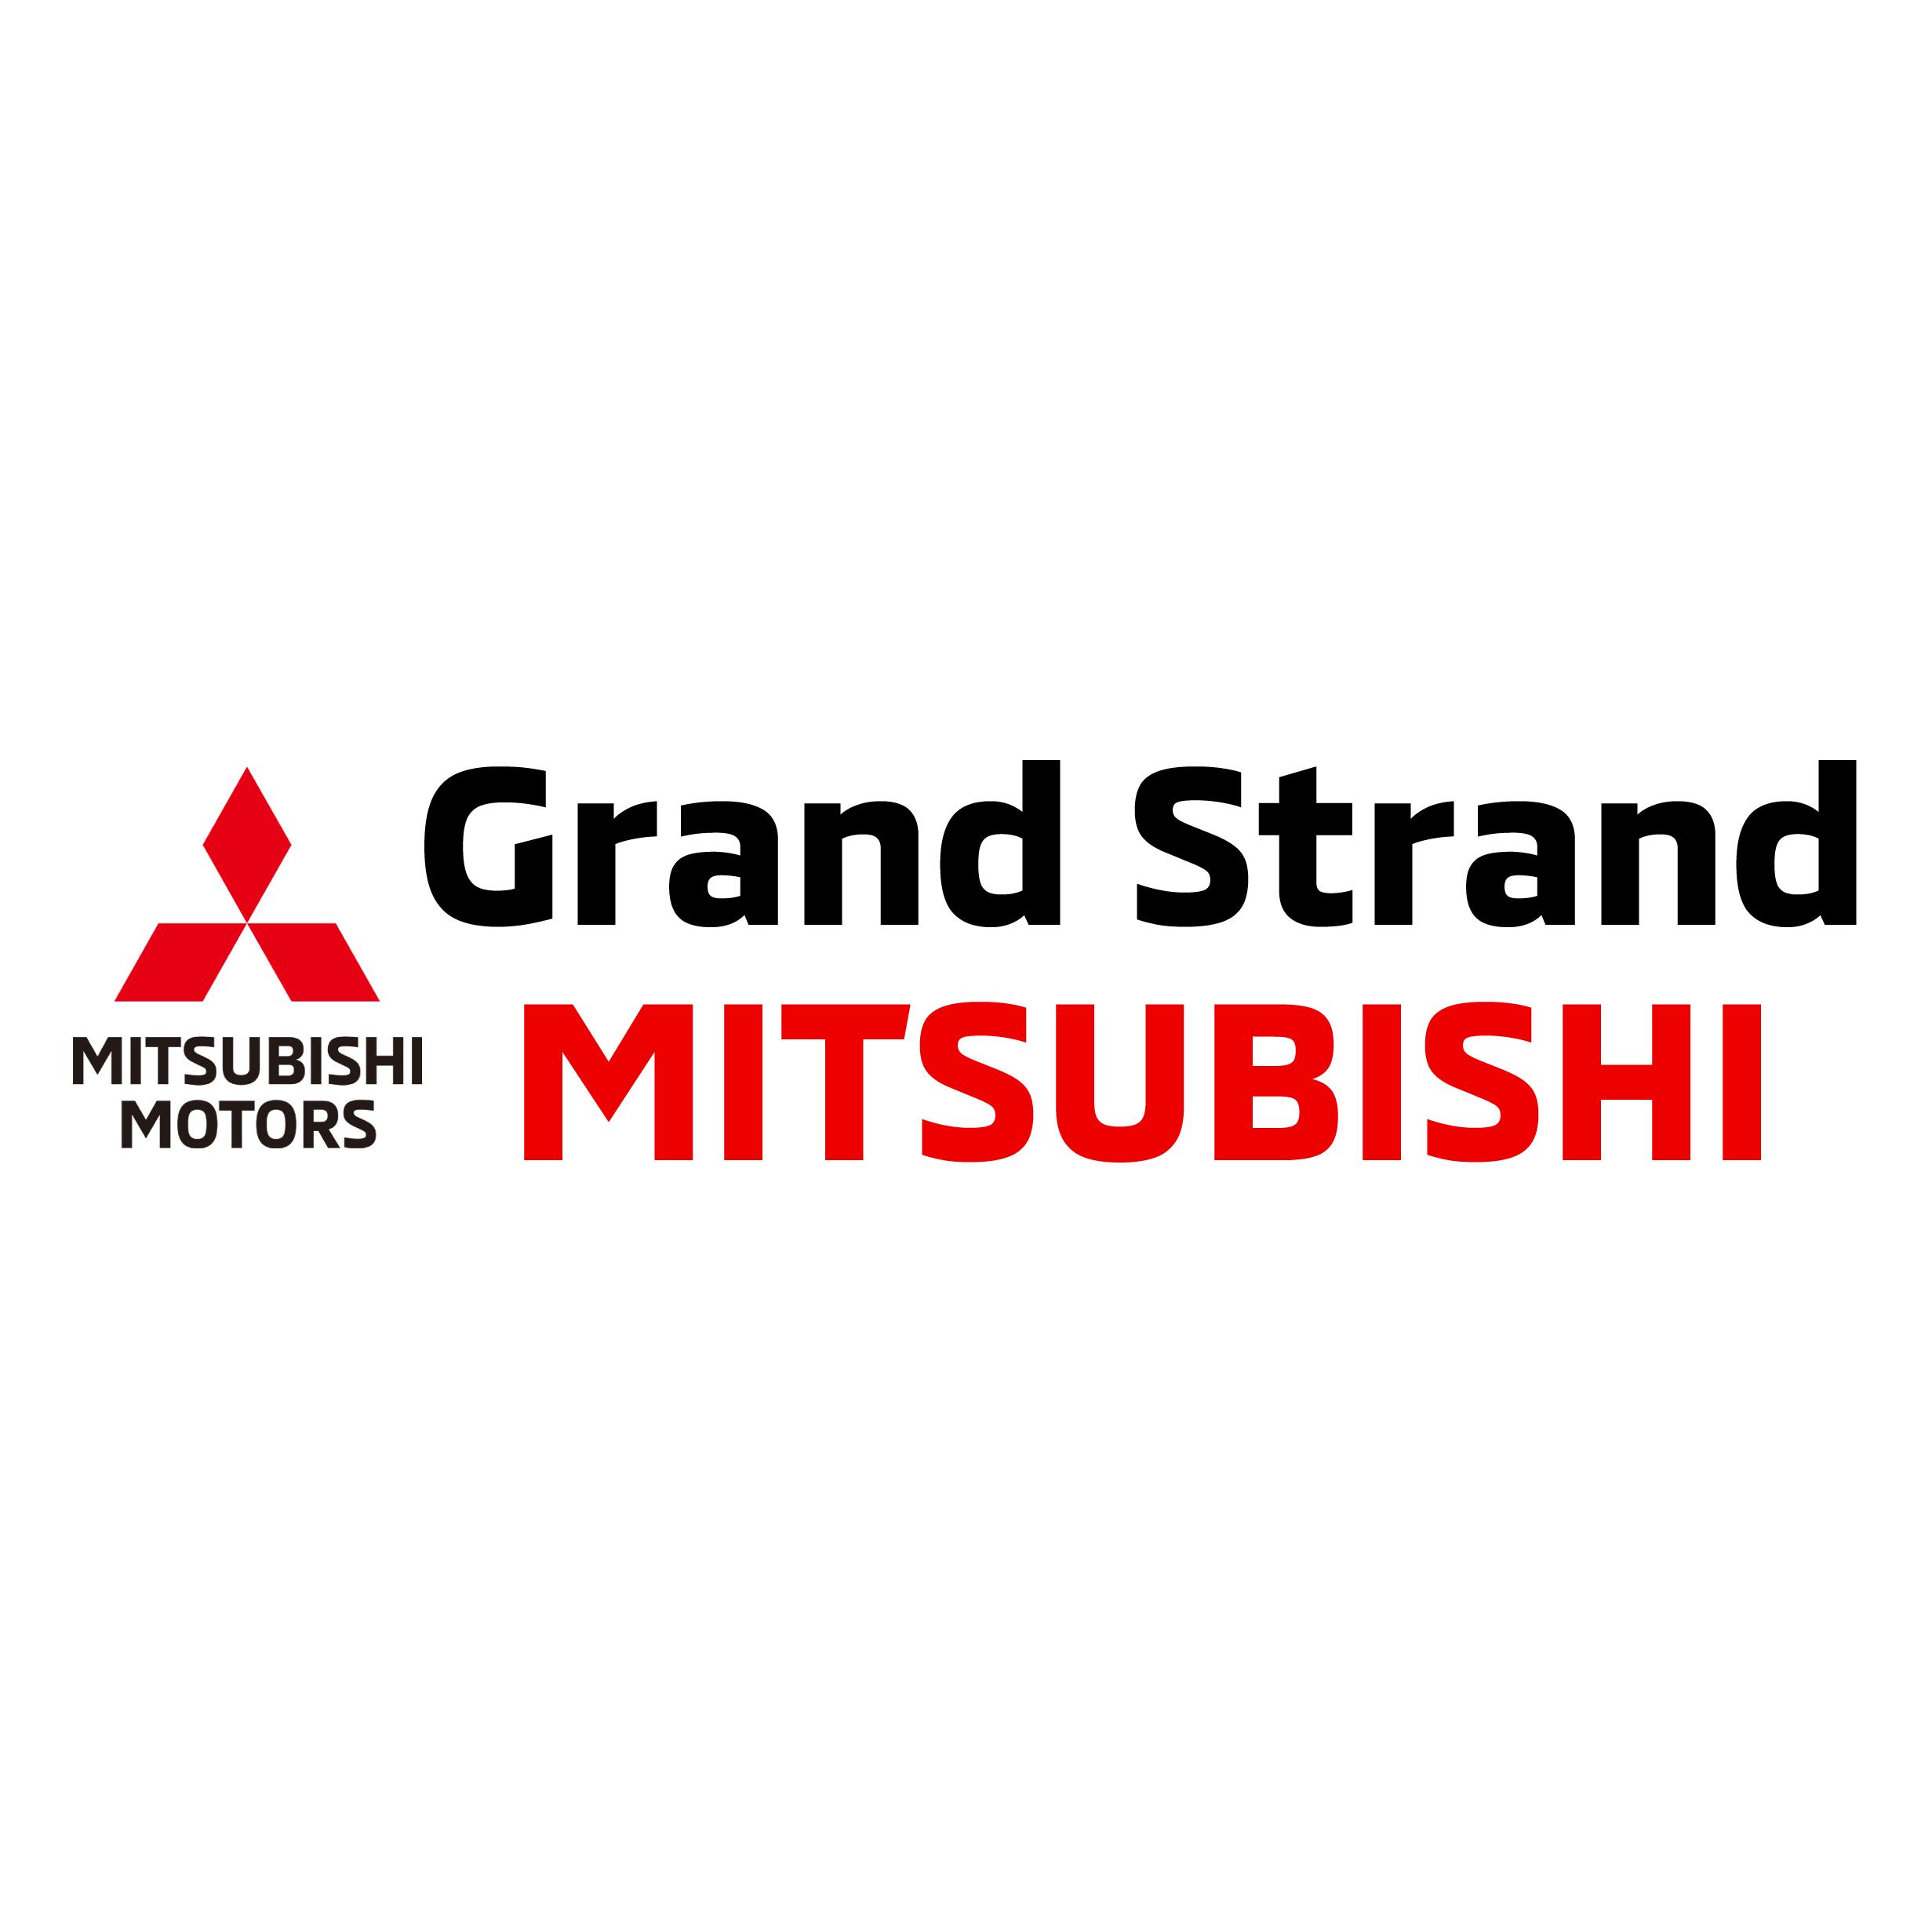 Grand Strand Mitsubishi